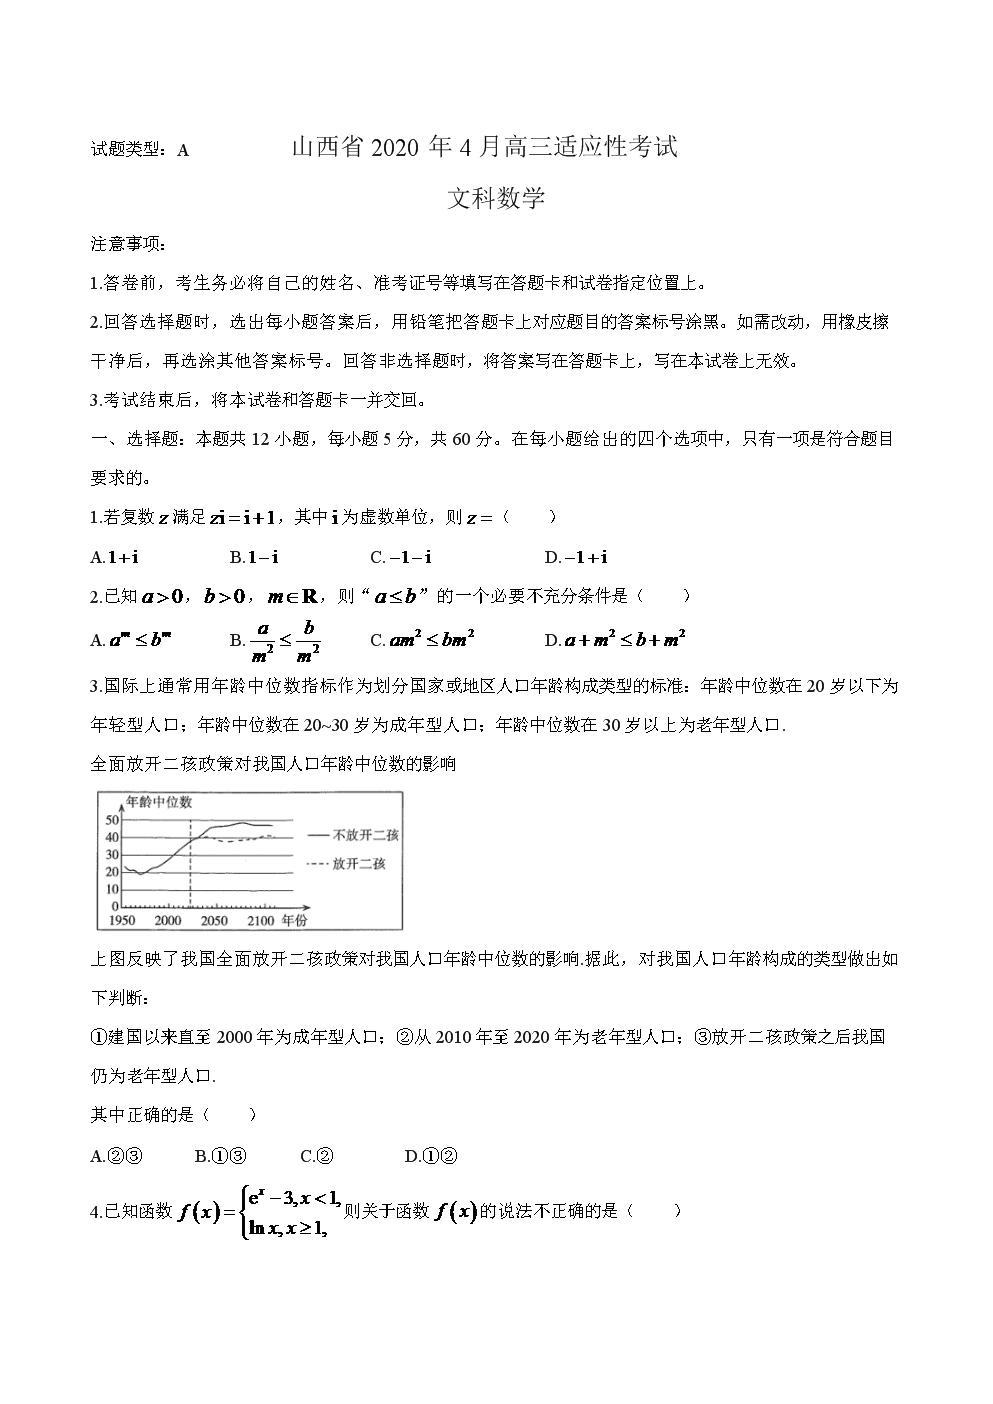 山西省2020年4月高三適應性考試文科數學試題附詳解.docx